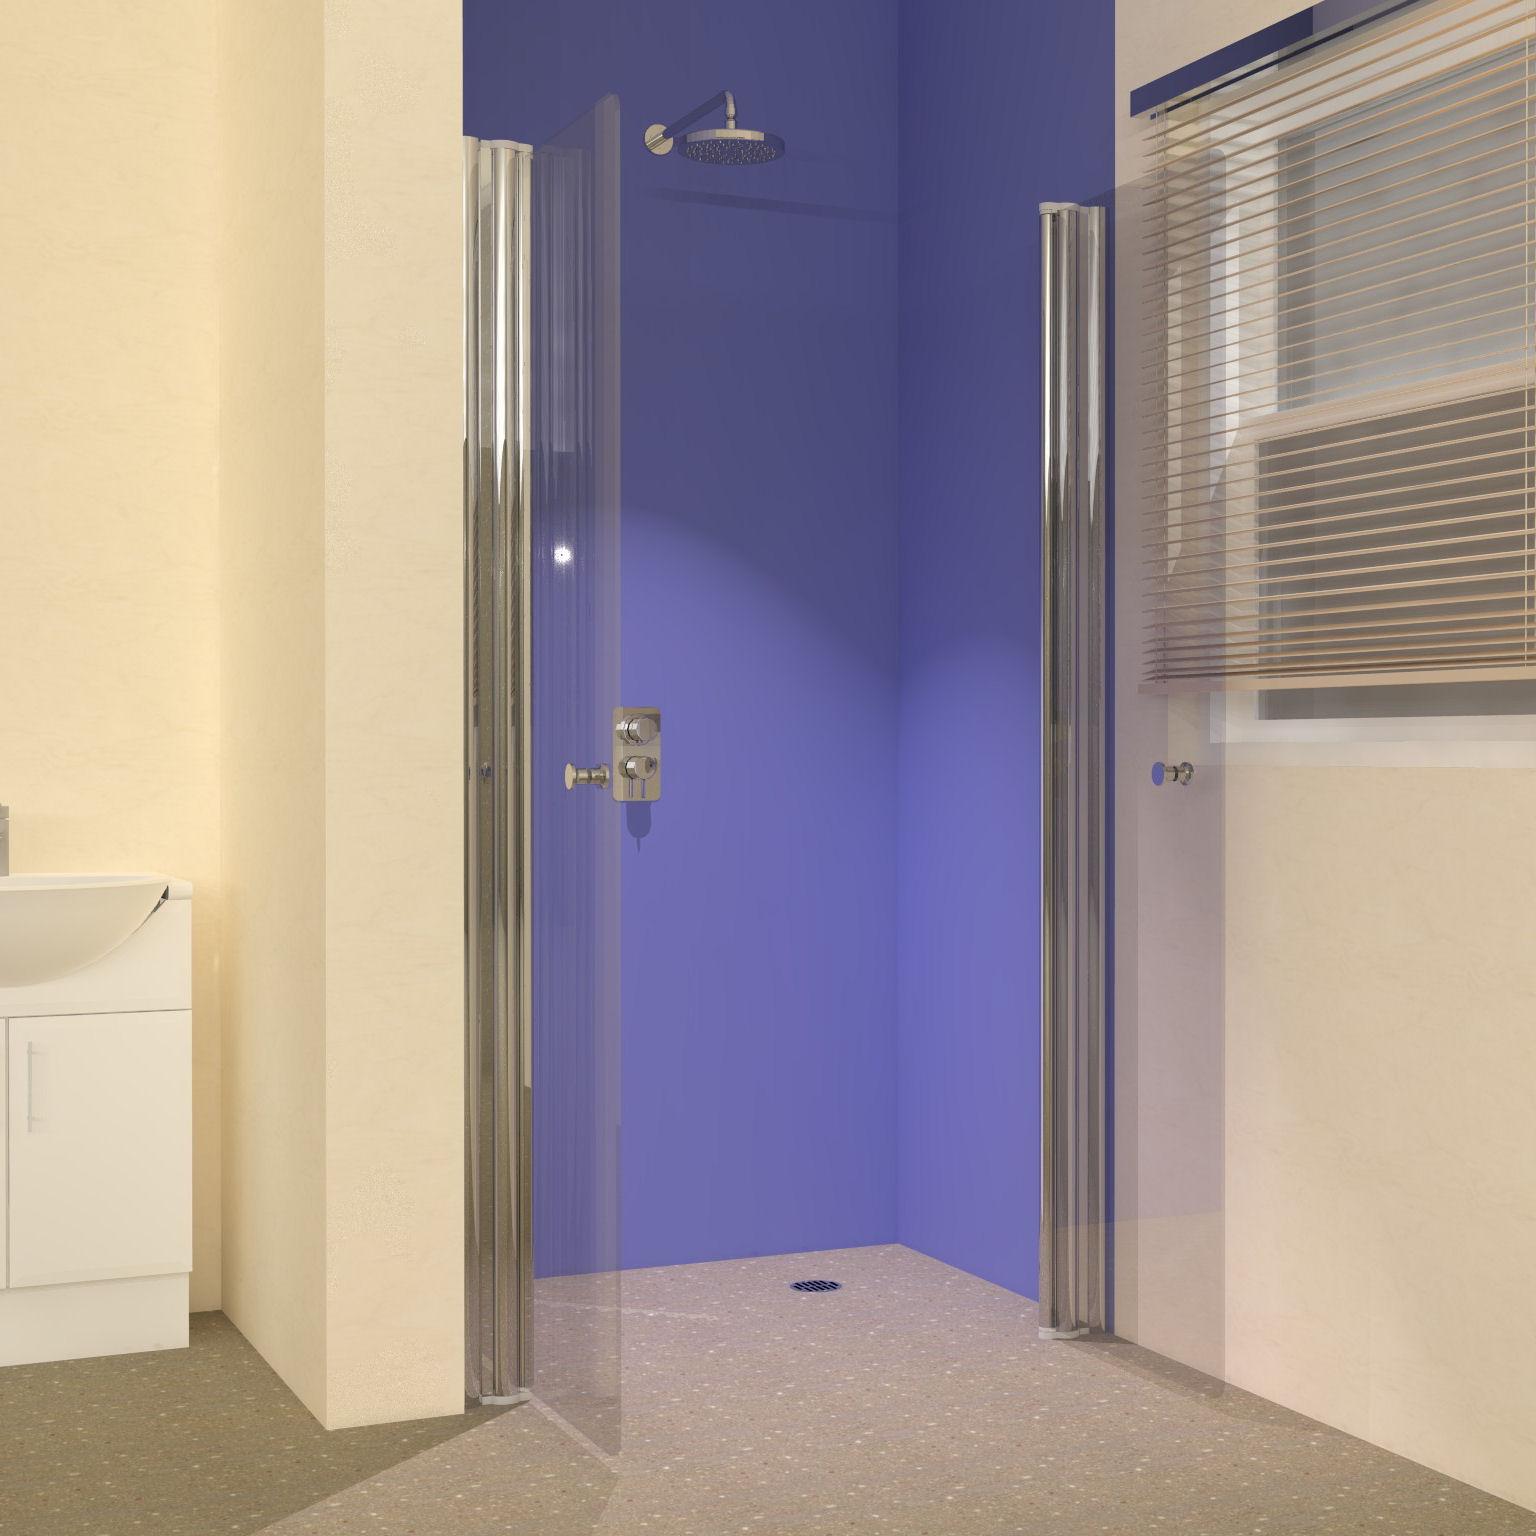 Frameless shower doors for wet rooms from unishower for Wet room shower screen 400mm